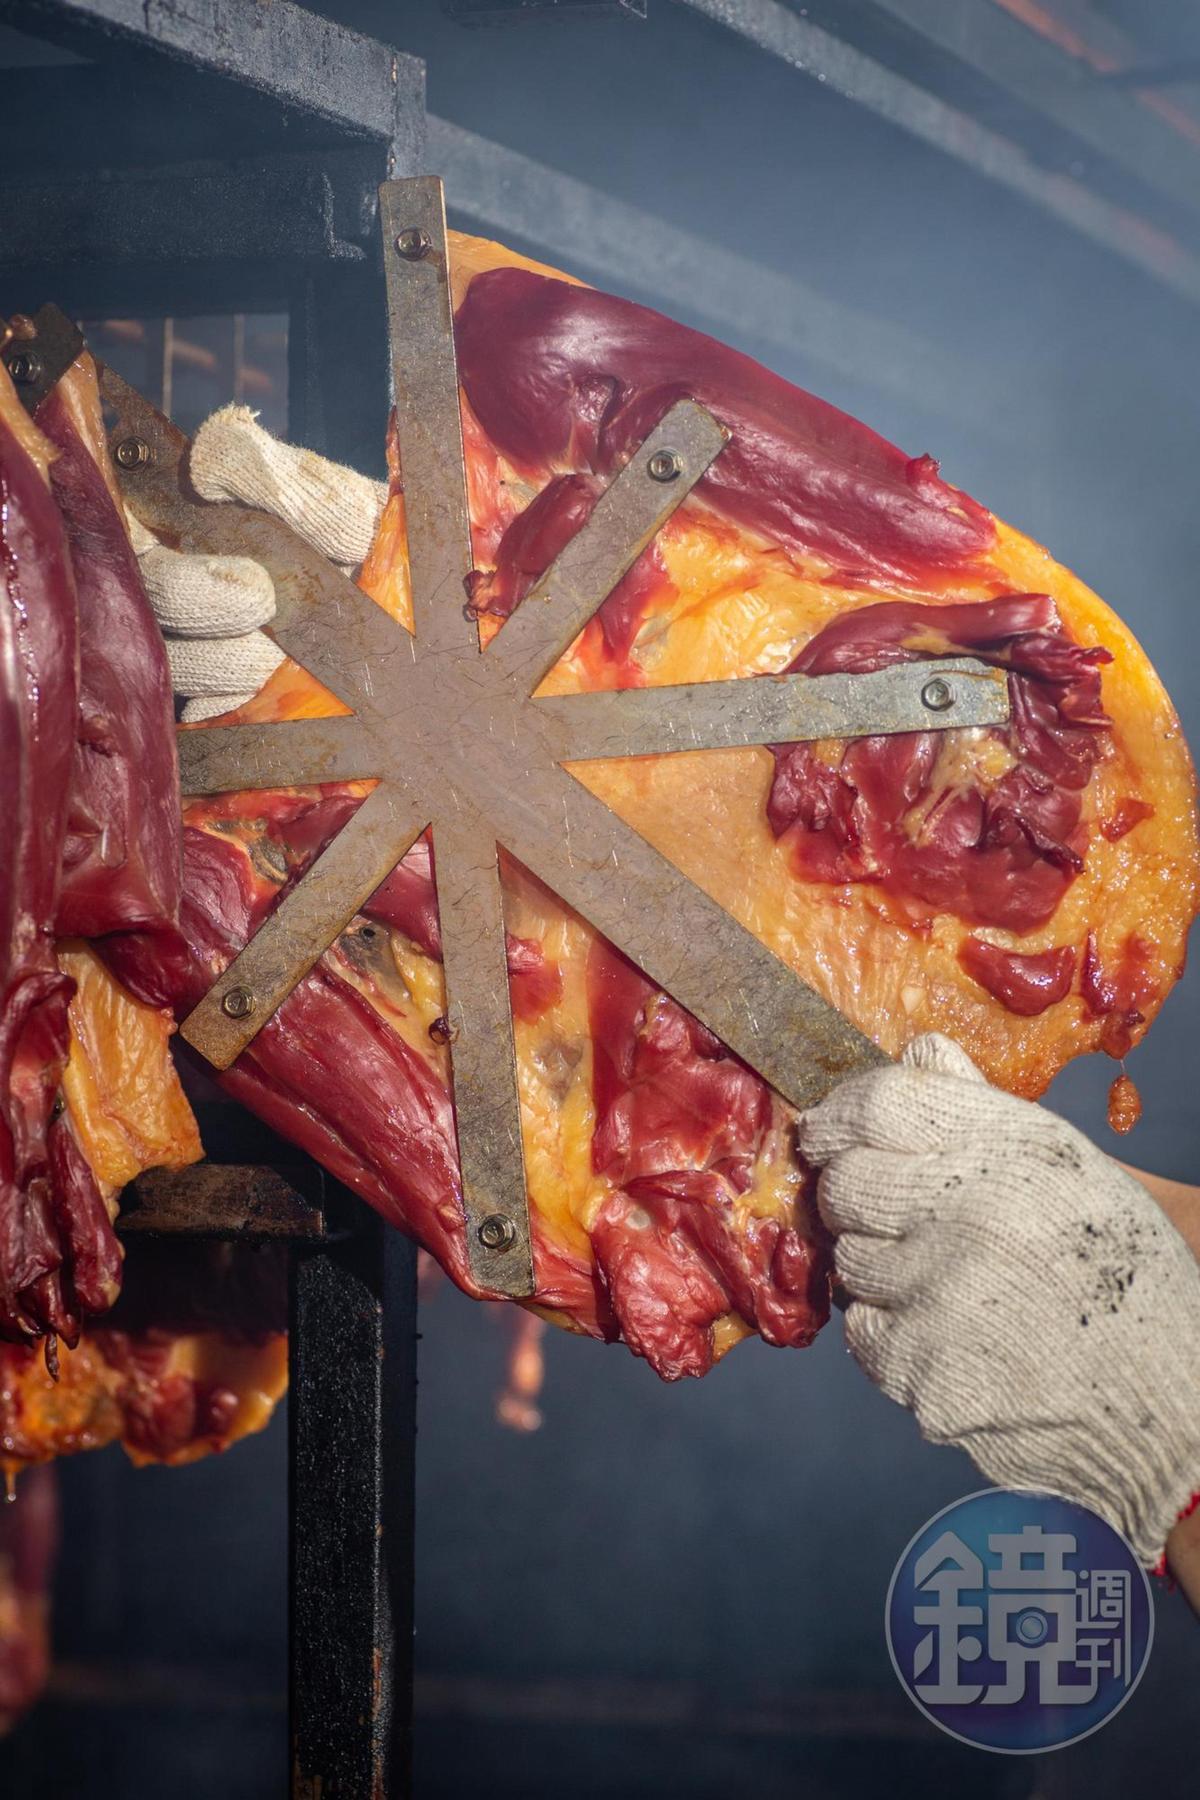 去骨鴨肉要用特製的米字鐵架撐平,賣相才體面。